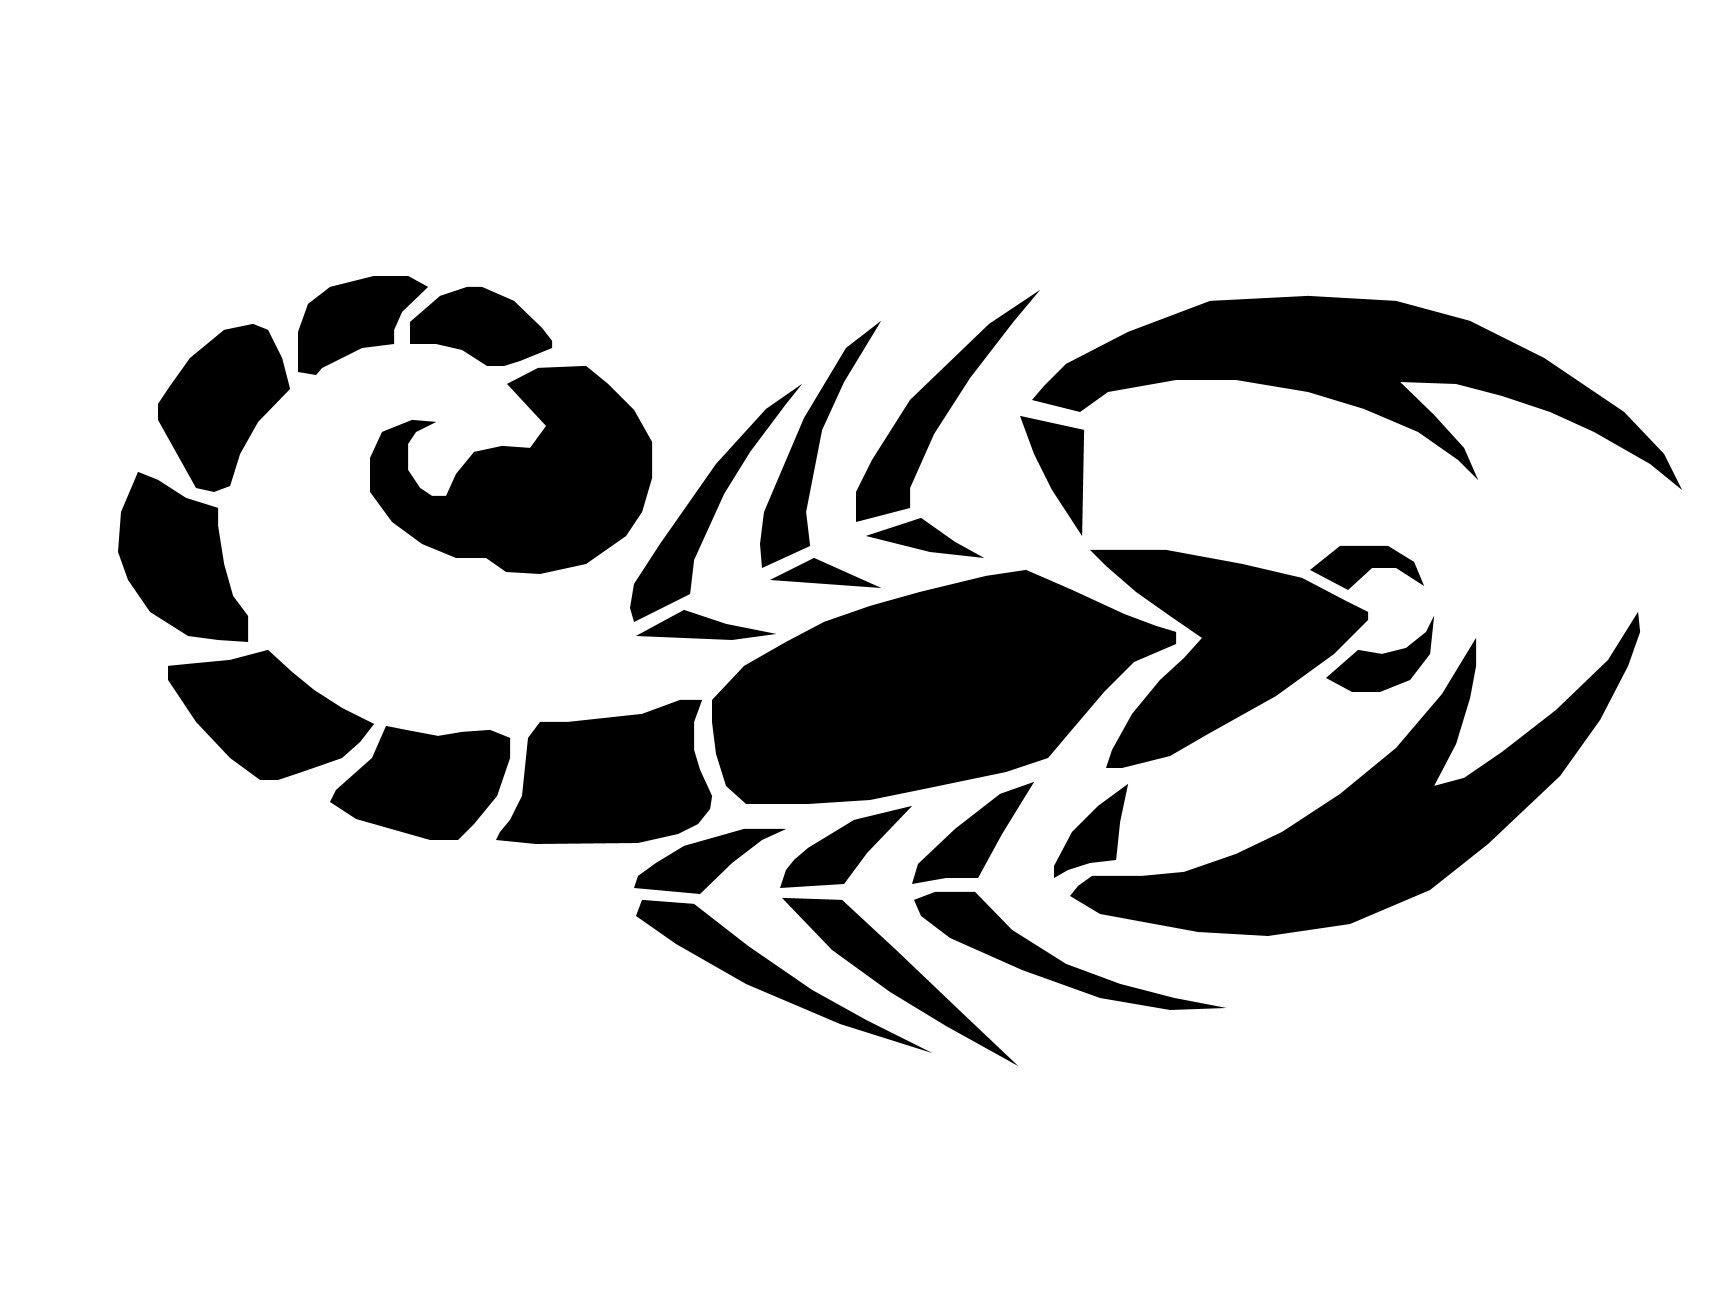 картинки черно белые тату скорпиона внезапного